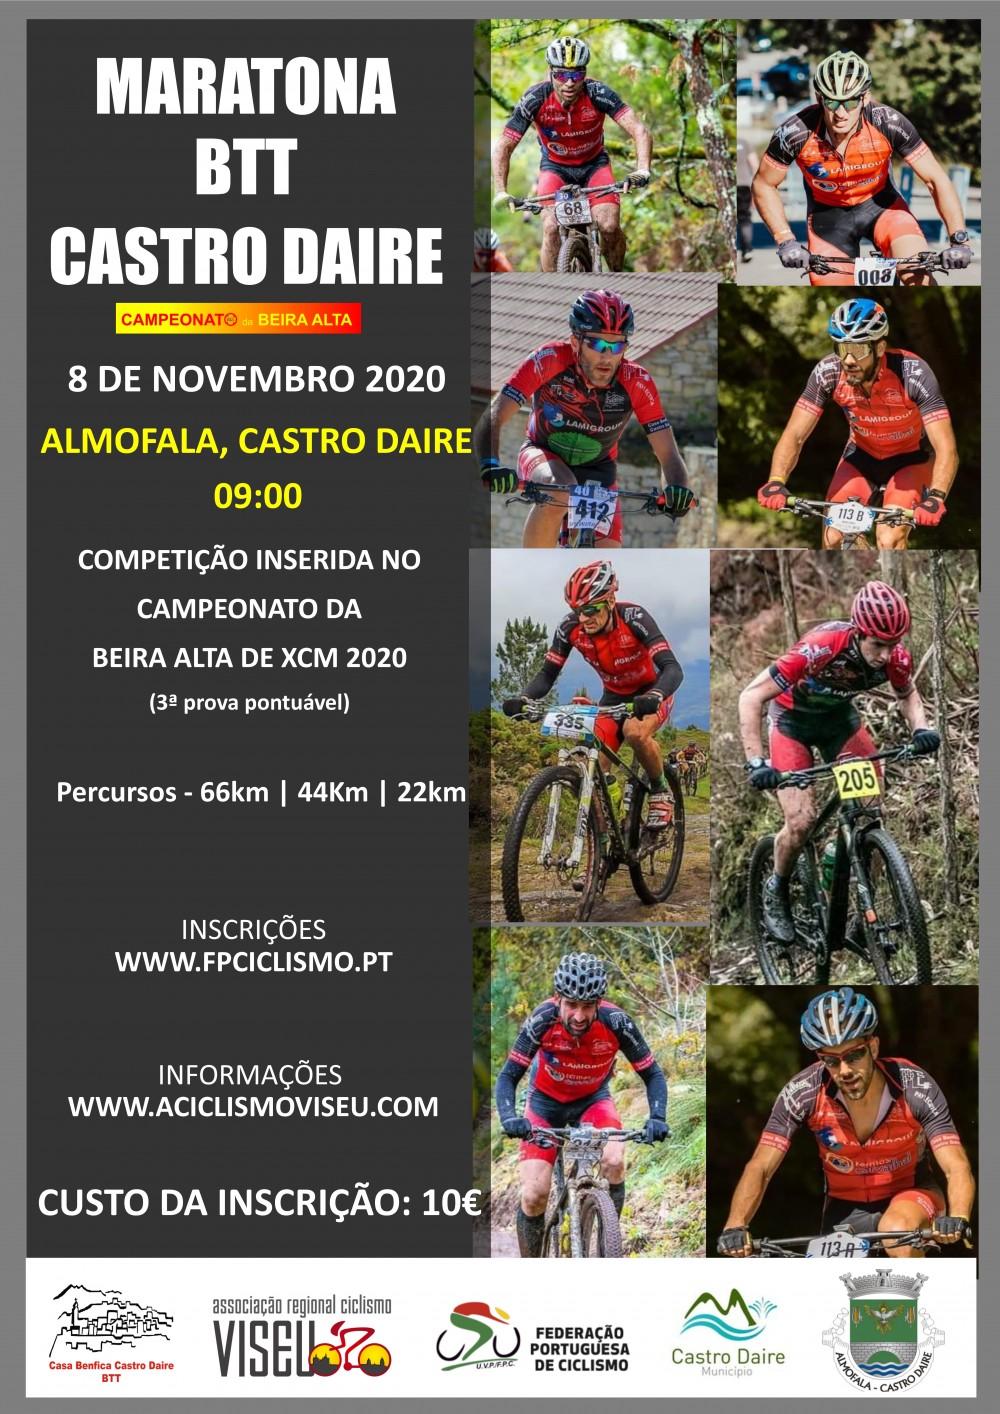 Maratona de BTT Castro Daire CRI (Campeonato da Beira Alta de XCM)